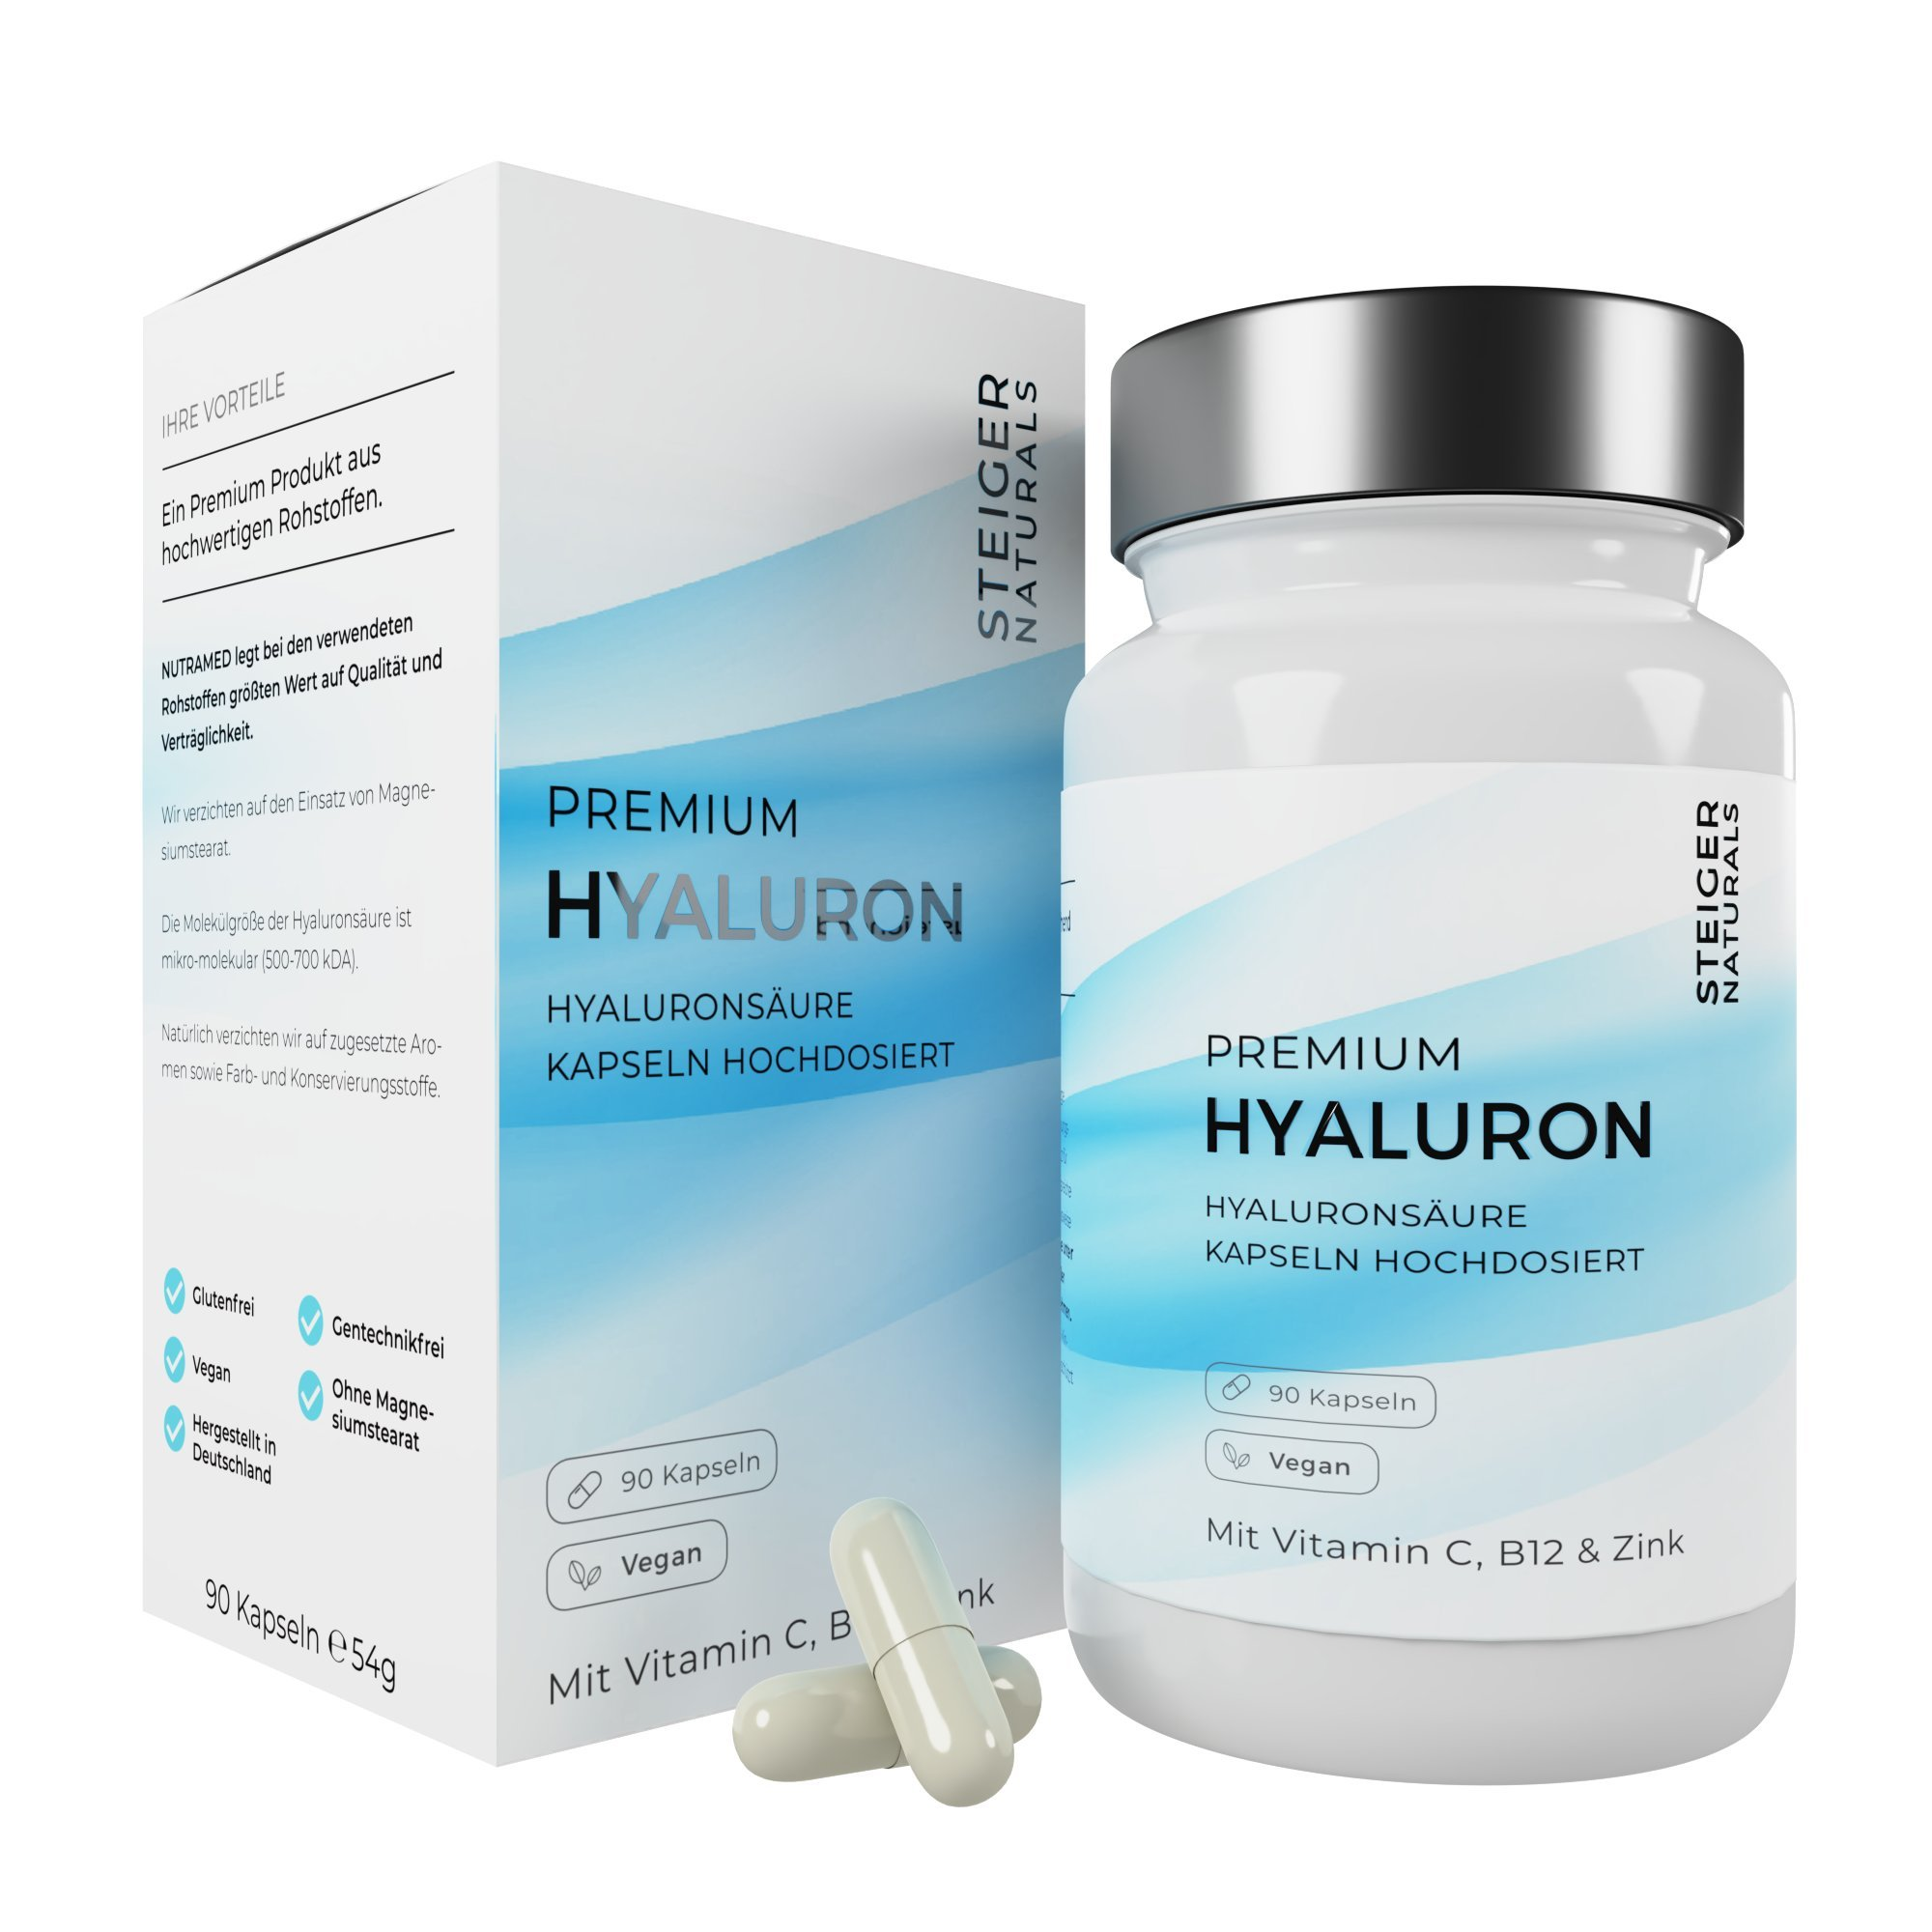 Hyaluronsäure Kapseln – Hochdosiert mit 350 mg. 90 Stück (3 Monate). Mit Vitamin C, B12 und Zink. Hyaluron mit 500-700 kDa. Vegan – Für Haut, Anti-Aging und Gelenke – Hyaloronsäure product image